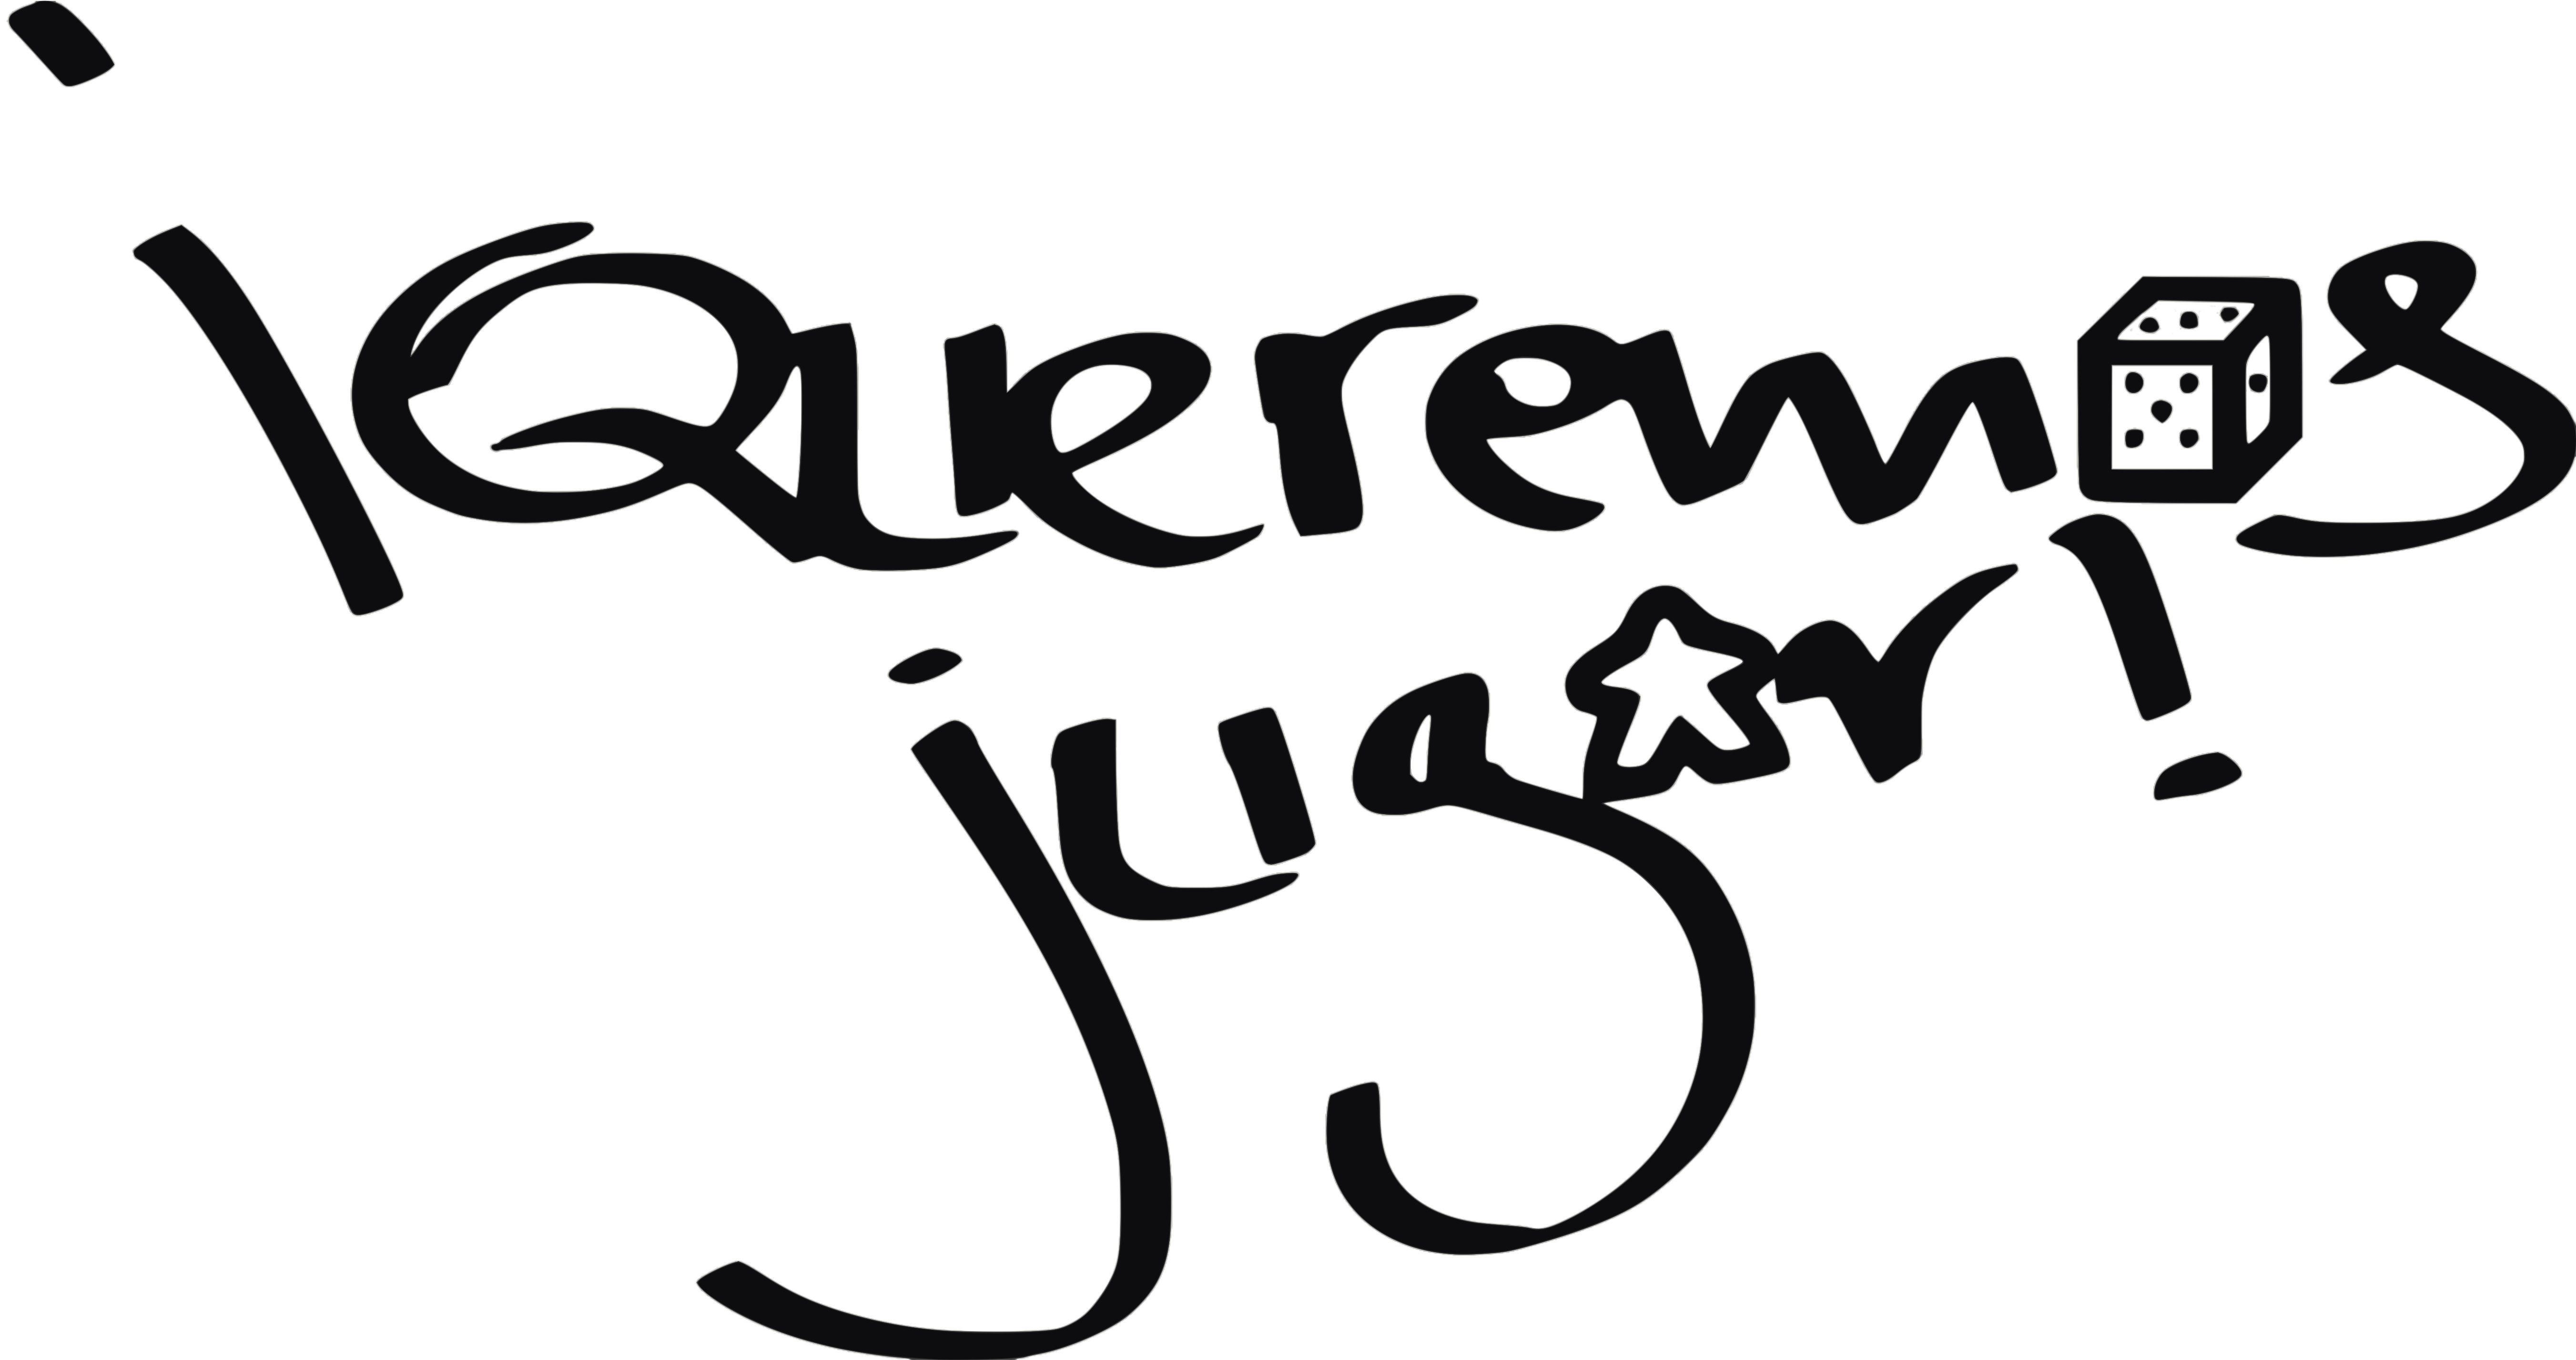 Logo de la asociación cultural de juegos de mesa